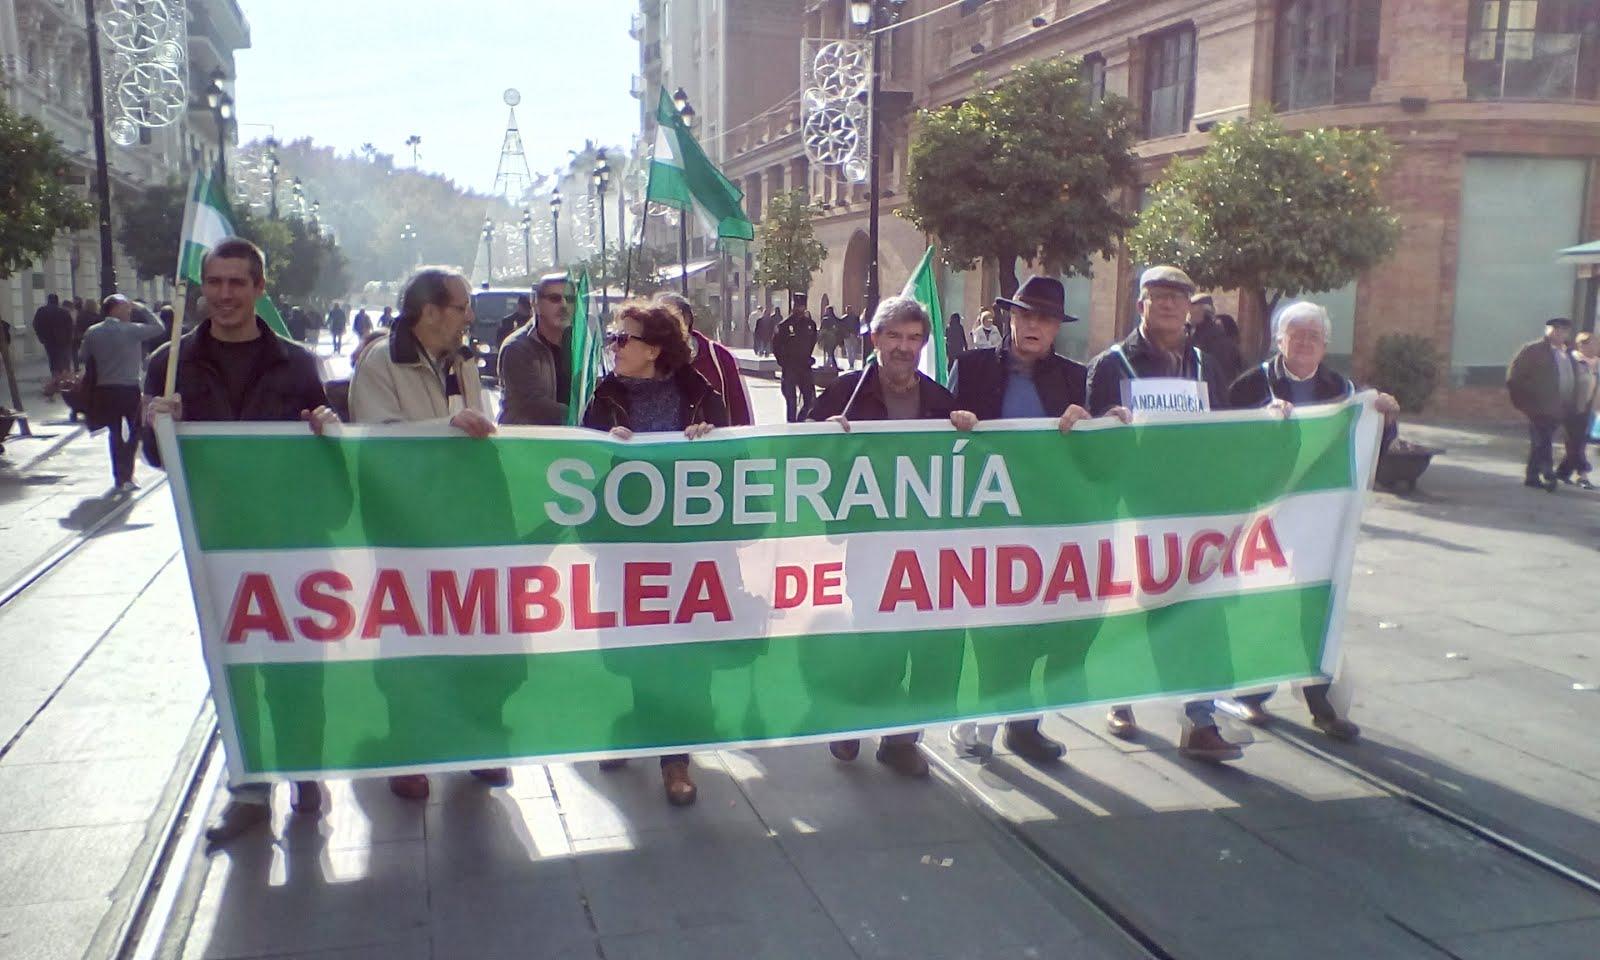 Asamblea de Andalucía en la Manifestación 10D Sevilla. Día de los Derechos Humanos.